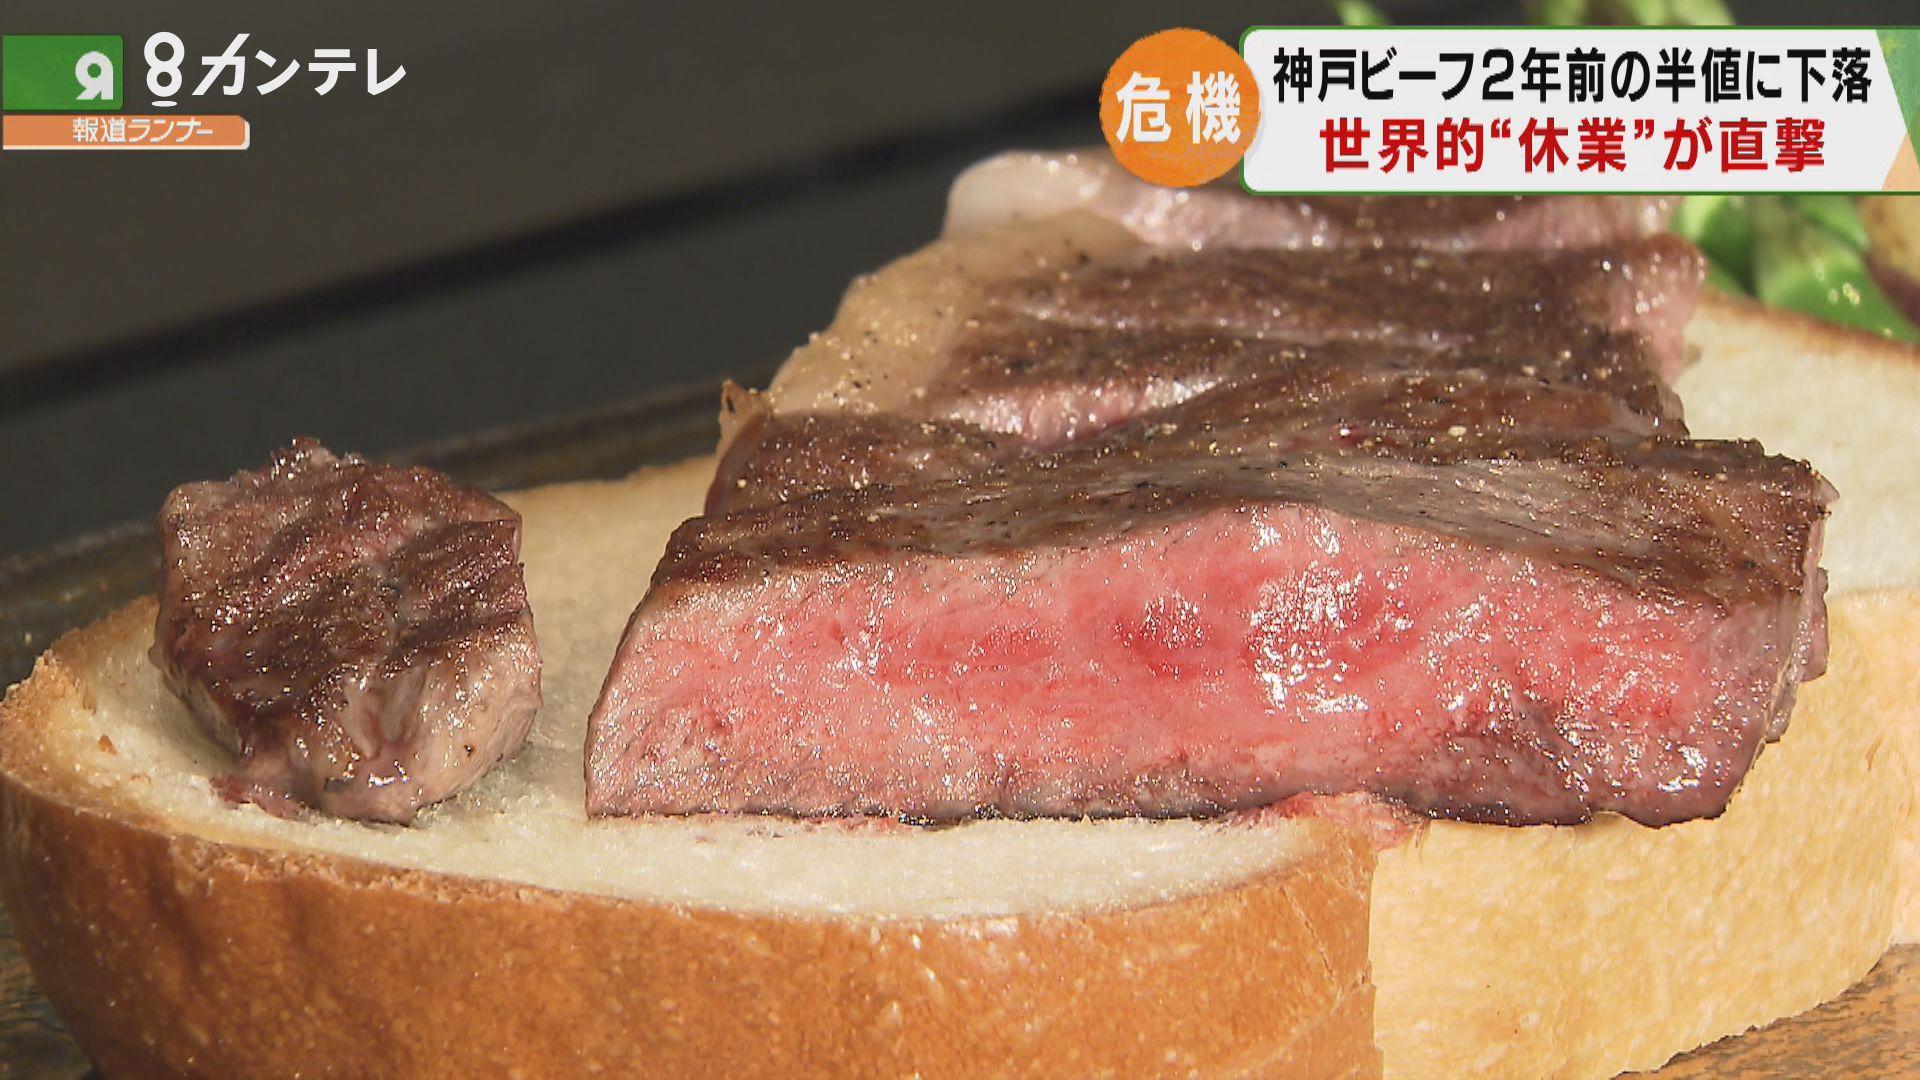 """「神戸ビーフ」も危機…世界的な""""飲食店の休業""""で「価格が暴落」 終わりが見えず…生産者には廃業の危機も"""